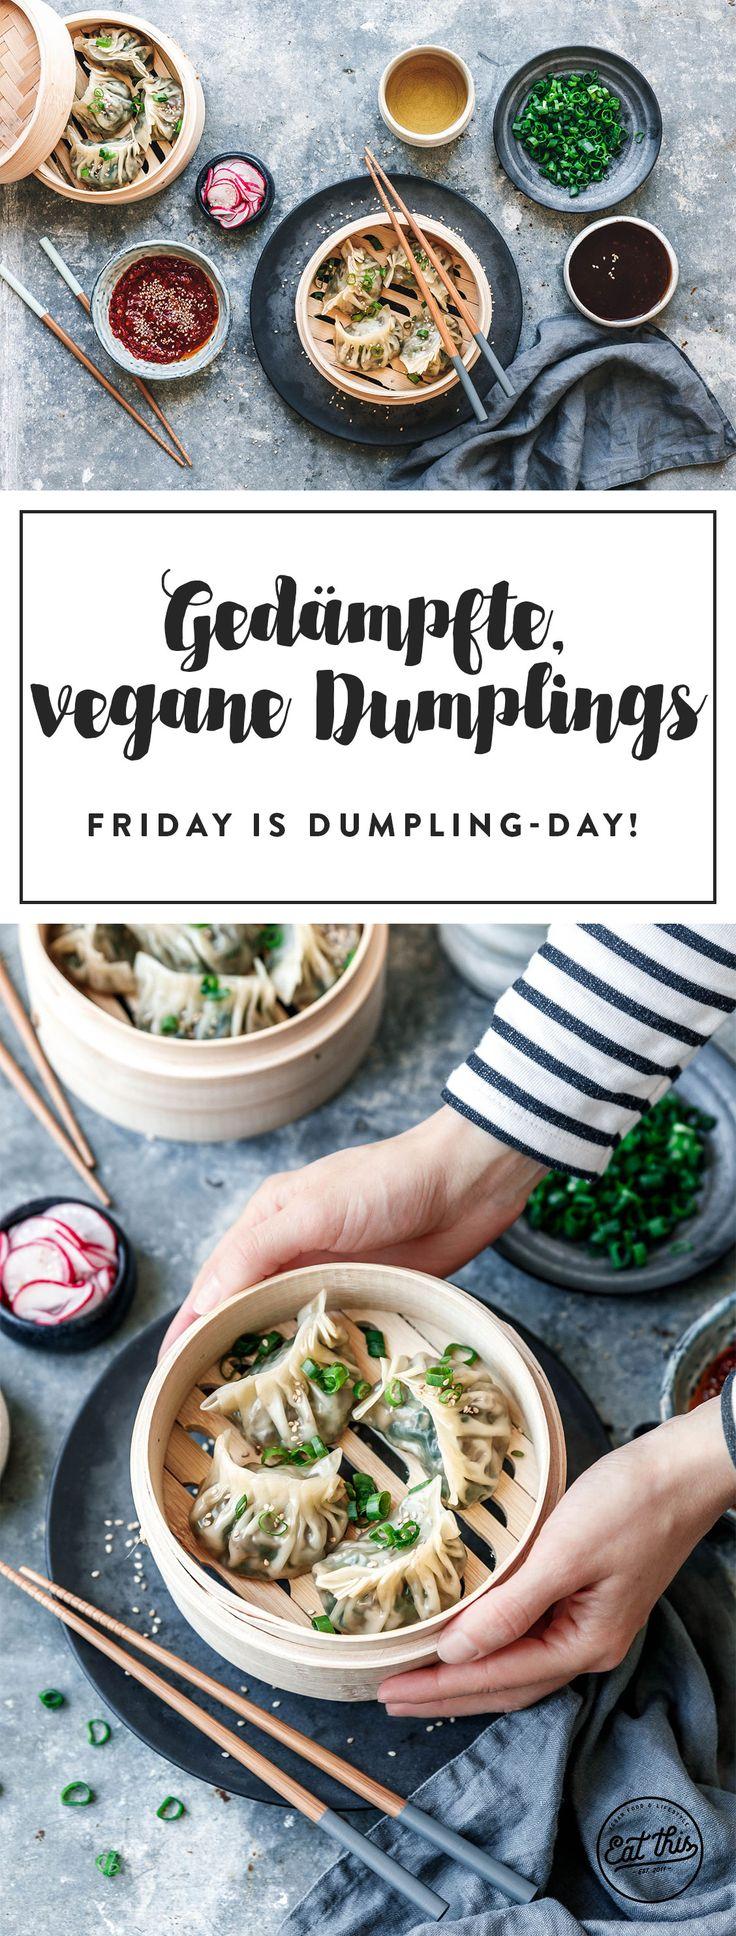 Freitag ist Dumpling-Tag! Schnapp dir ein paar Freunde und veranstalte am Wochenende eine Dumpling-Party. Die Anleitung für vegane Dumplings liefern wir!